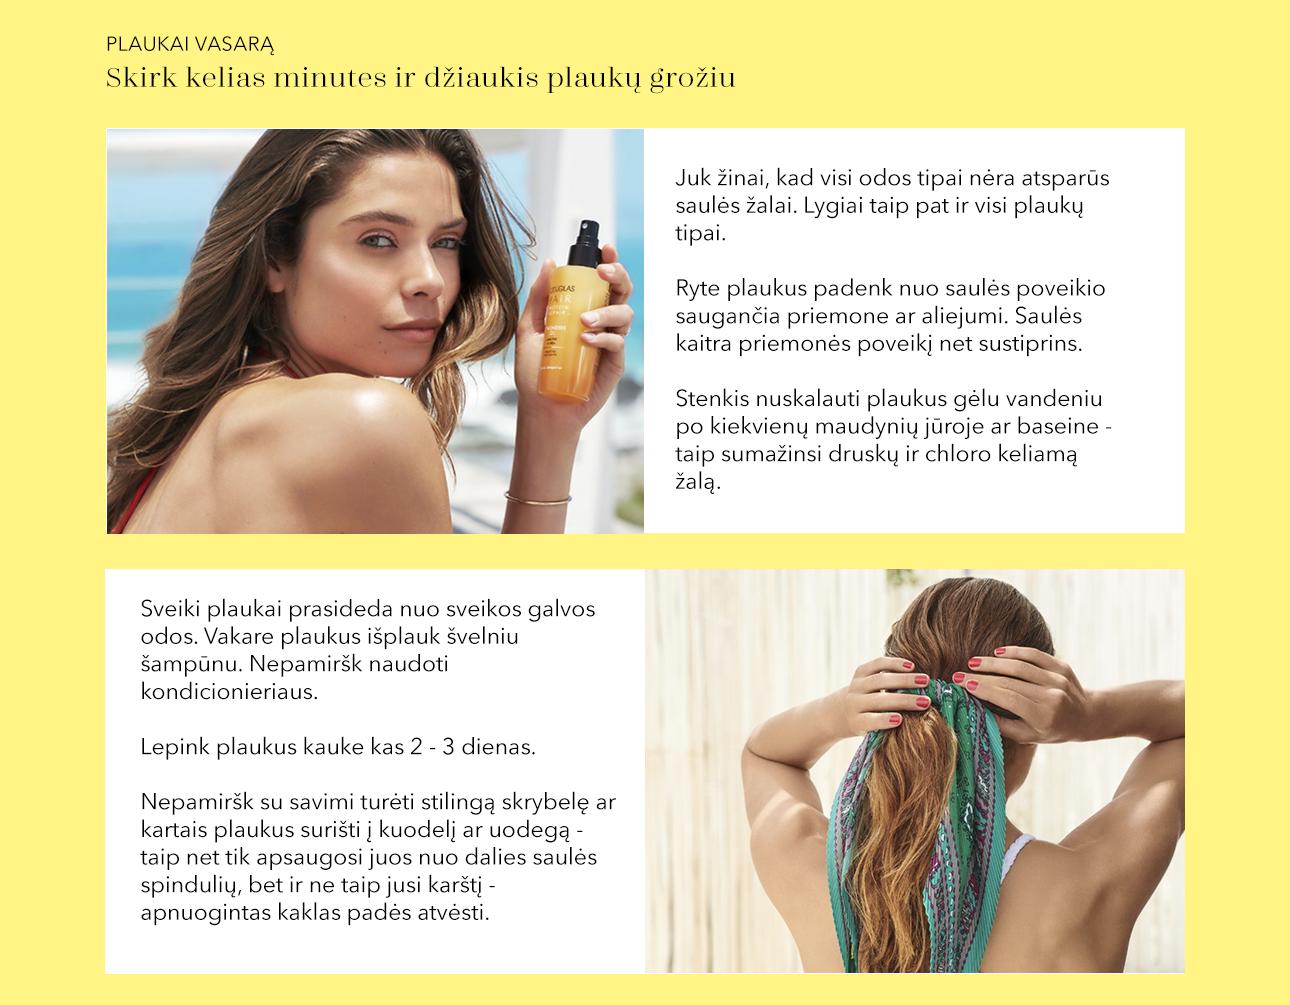 Juk žinai, kad visi odos tipai nėra atsparūs saulės žalai. Lygiai taip pat ir visi plaukų tipai.  Ryte plaukus padenk nuo saulės poveikio saugančia priemone ar aliejumi. Saulės kaitra priemonės poveikį net sustiprins.  Stenkis nuskalauti plaukus gėlu vandeniu po kiekvienų maudynių jūroje ar baseine - taip sumažinsi druskų ir chloro keliamą žalą.